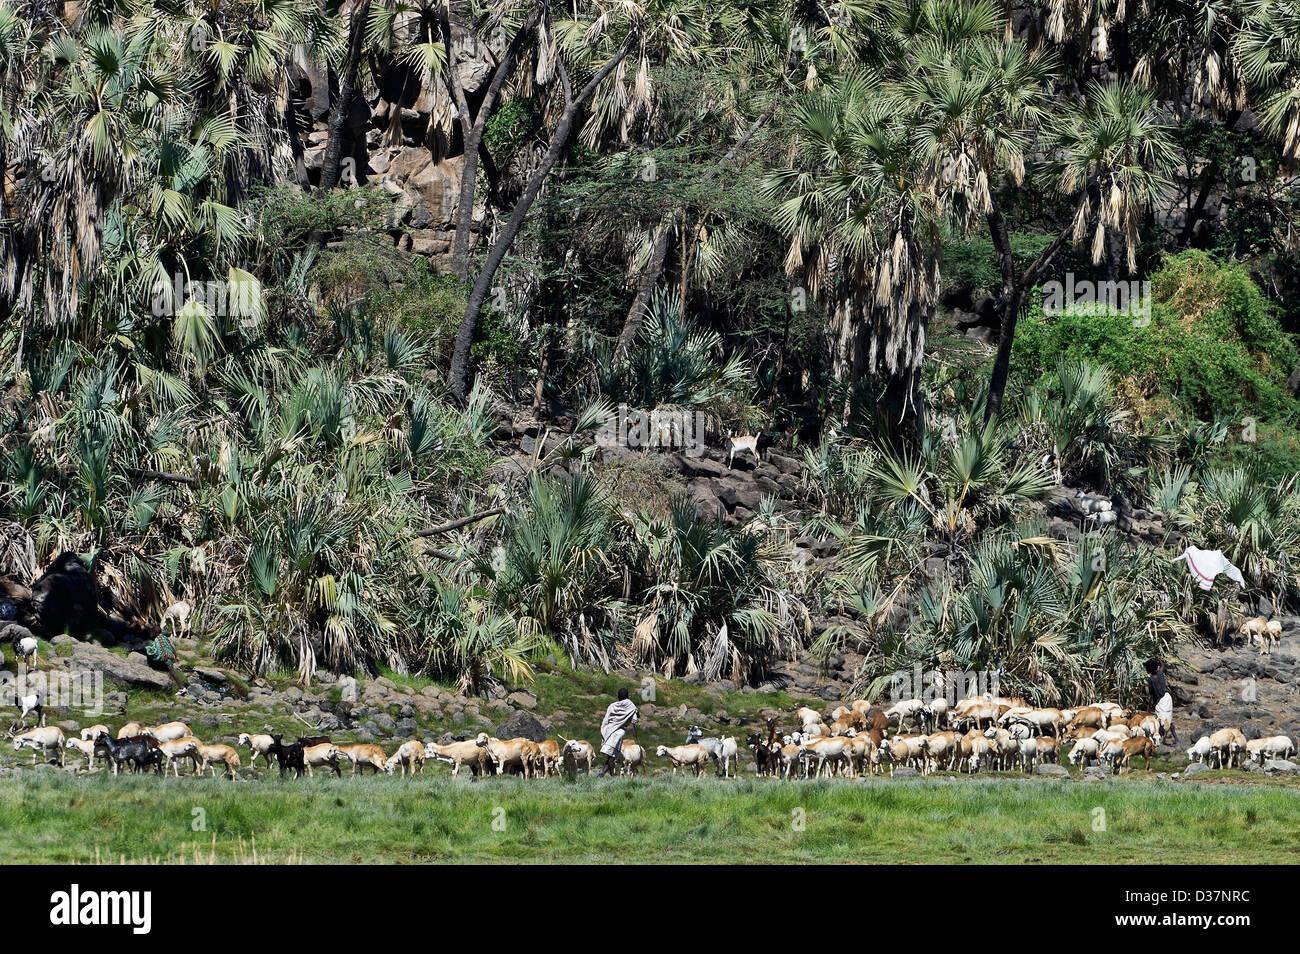 Afar shepherds leading their flock to pasture, Awash NP, Ethiopia - Stock Image